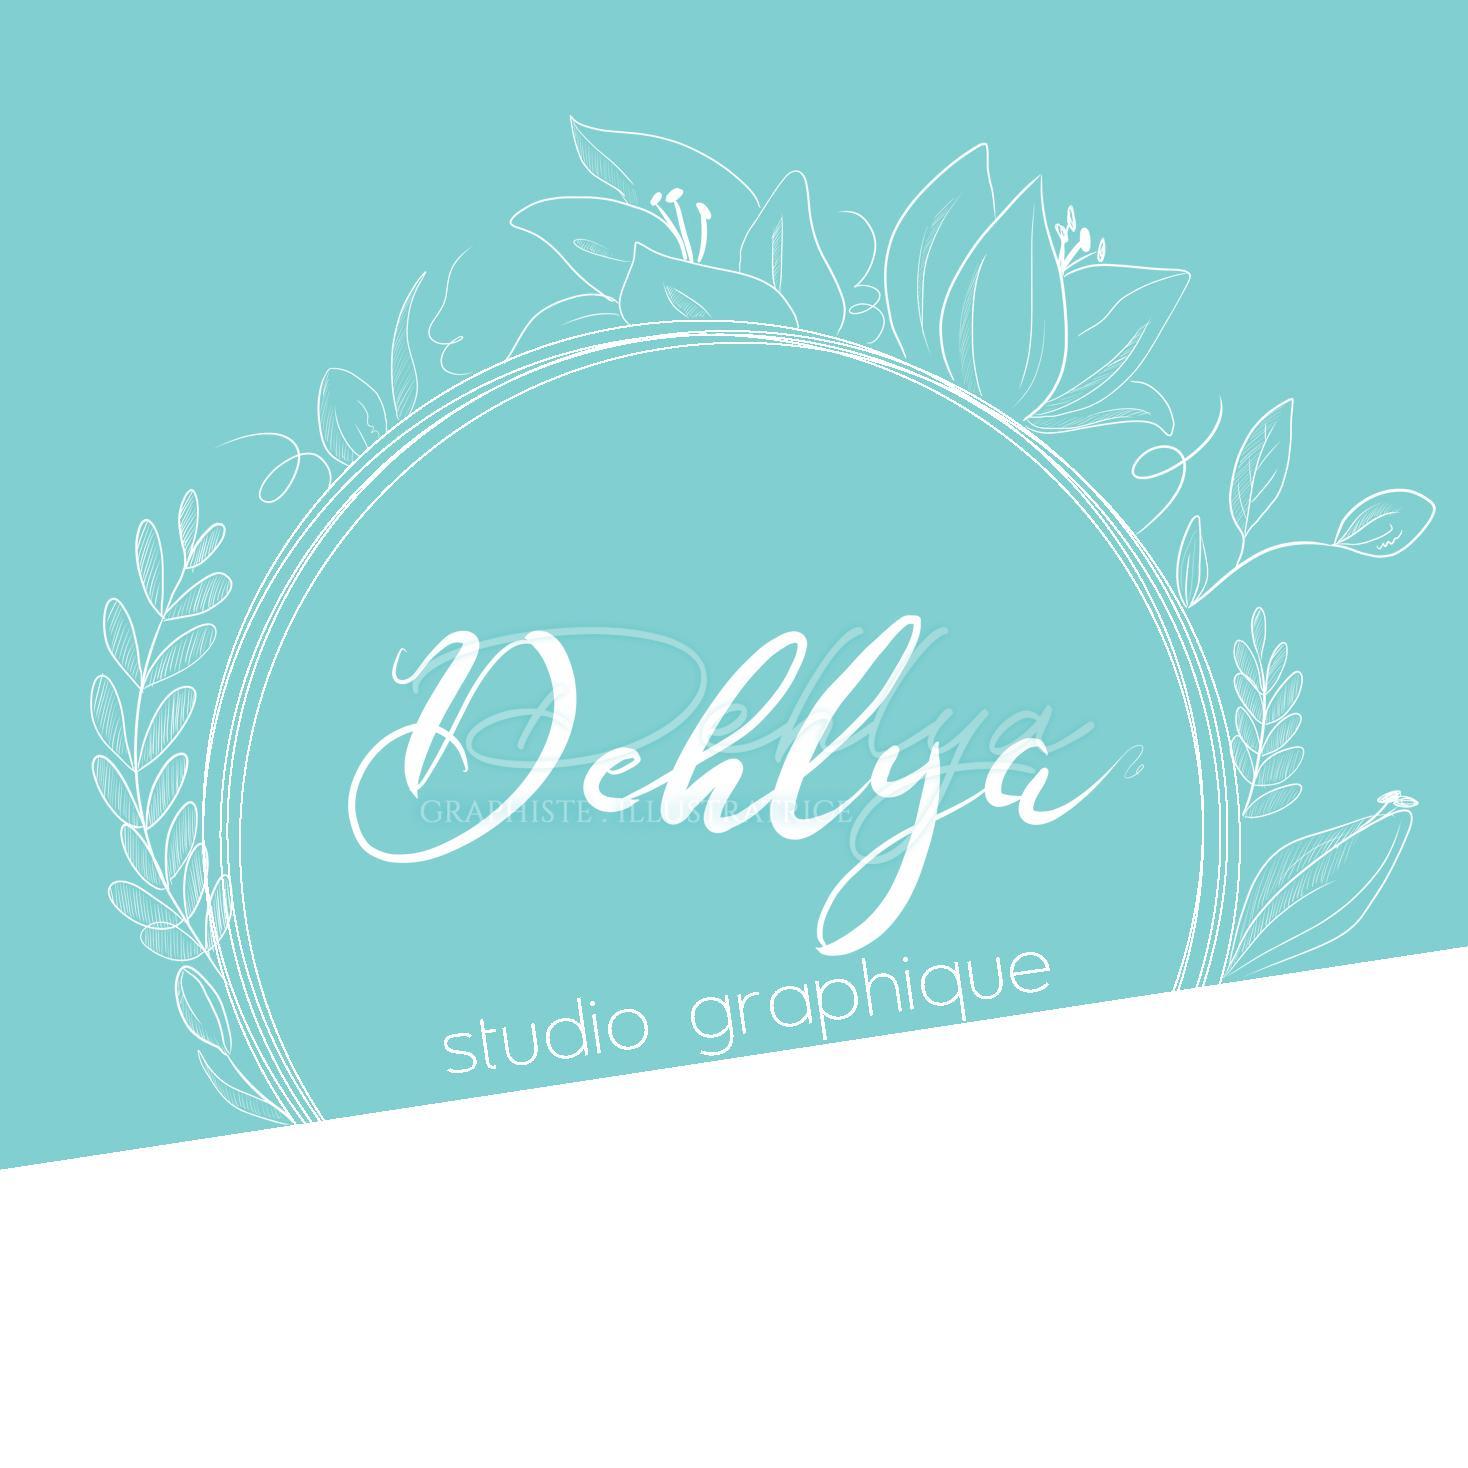 Dehlya